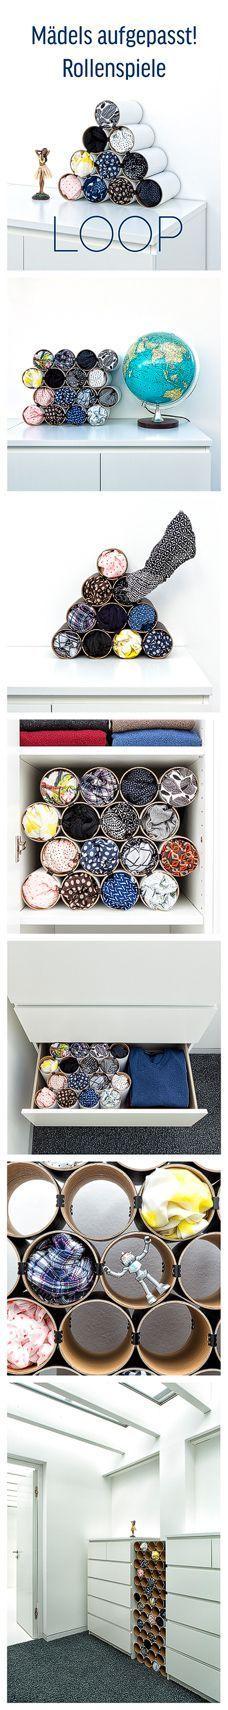 Jetzt kommt LOOP das Schalregal! Flexibel, erweiterbar, stylish, ökologisch … bietet es Schals & Co ein Zuhause. #Ordnungmusssein #Ordnungssinn #Ordnungsliebe #Schal #Tuch #Tücher #Schalregal #SchalAufbewahrung #TücherAufbewahrung #Loop #Kleiderschrank #Schubladen #Scarfs #Malm #Ikea #Komplement #organisieren #SchalSammlung #TücherSammlung #Röhre #Röhren #Rollen #Karton #Pappe #Ordnung #Aufräumen #Aufbewahren #Rack #Schalrack #MarieKondo #Schrank Hacks #OrganizingHacks